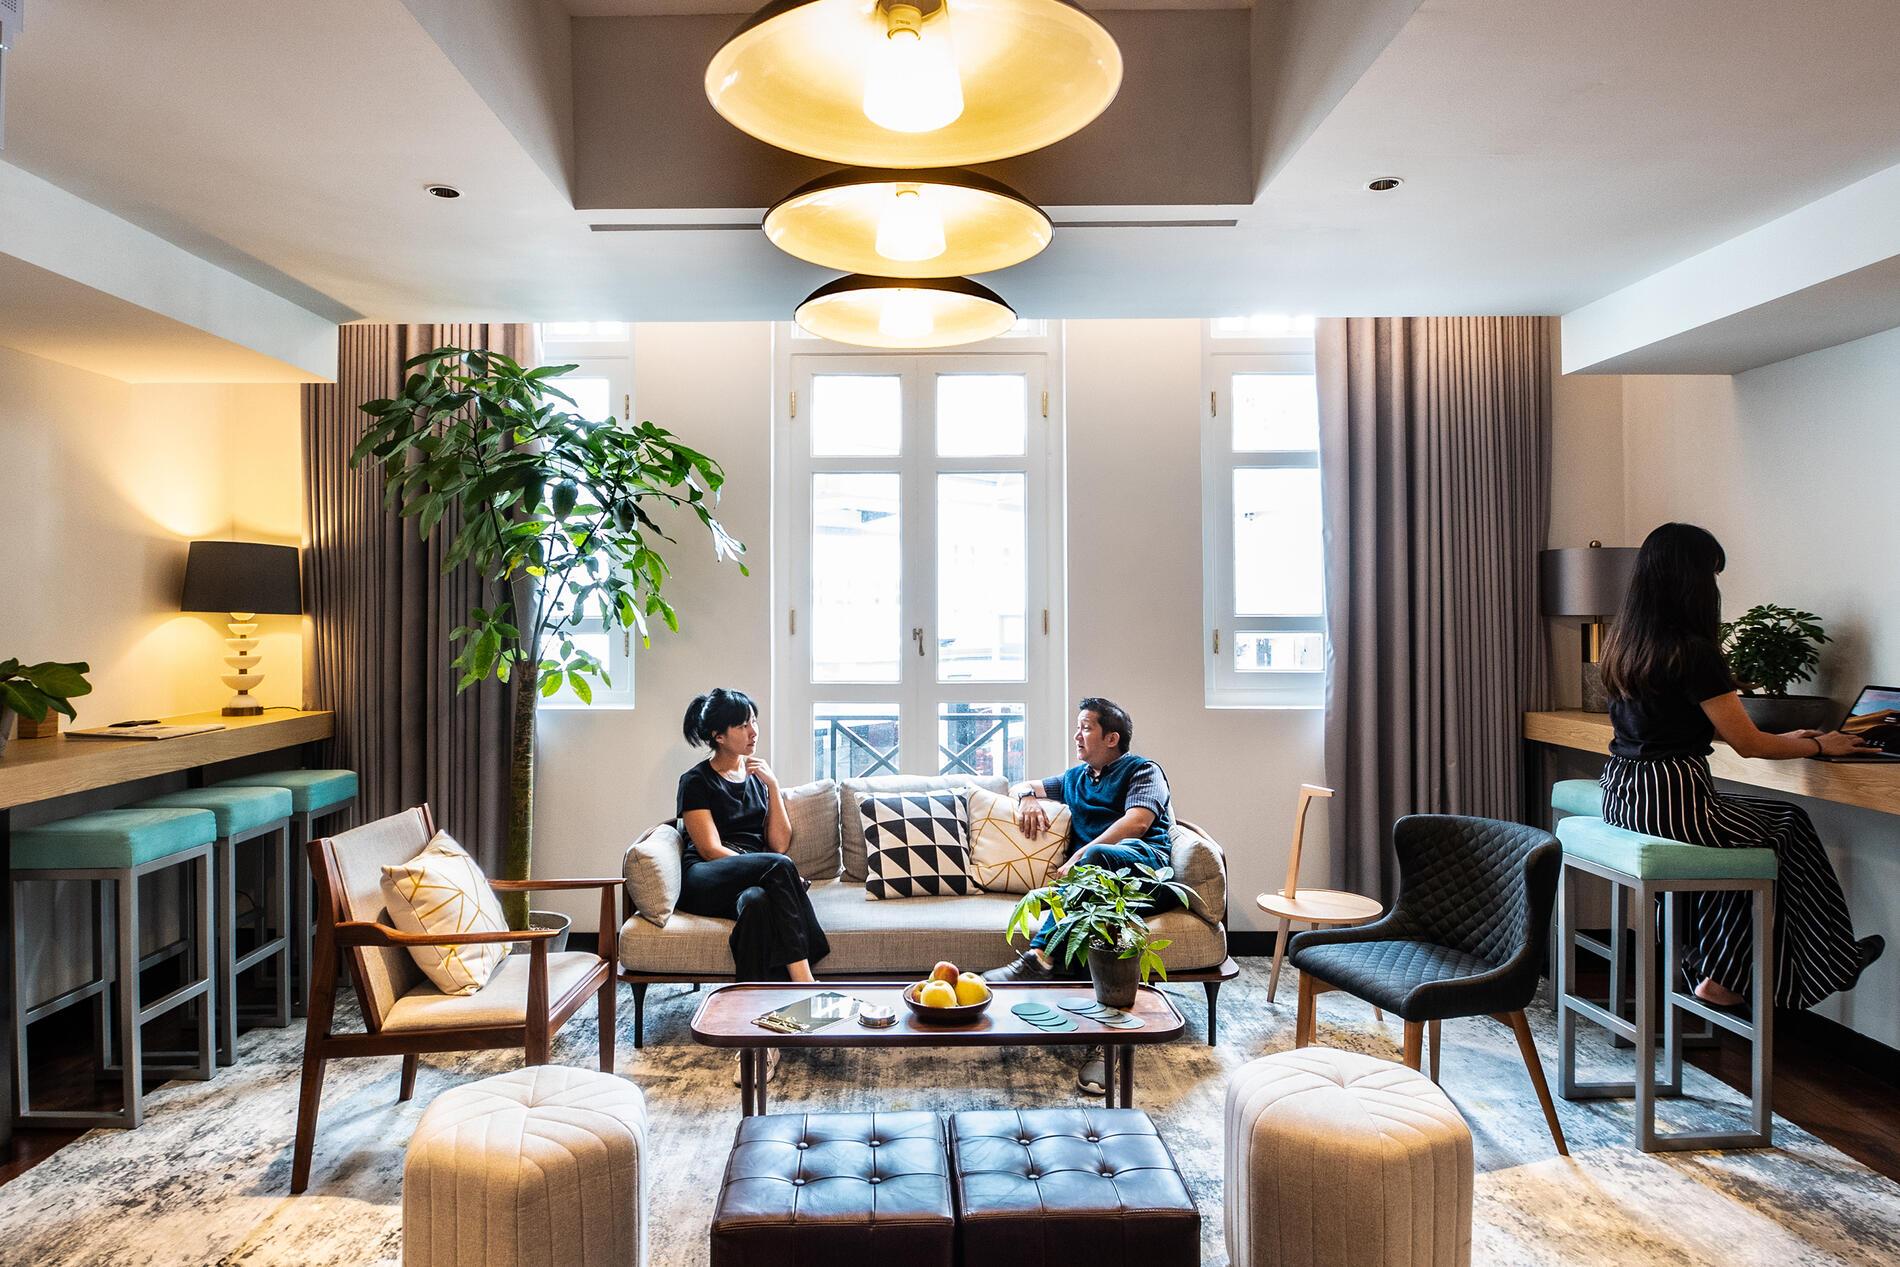 KēSa Lounge